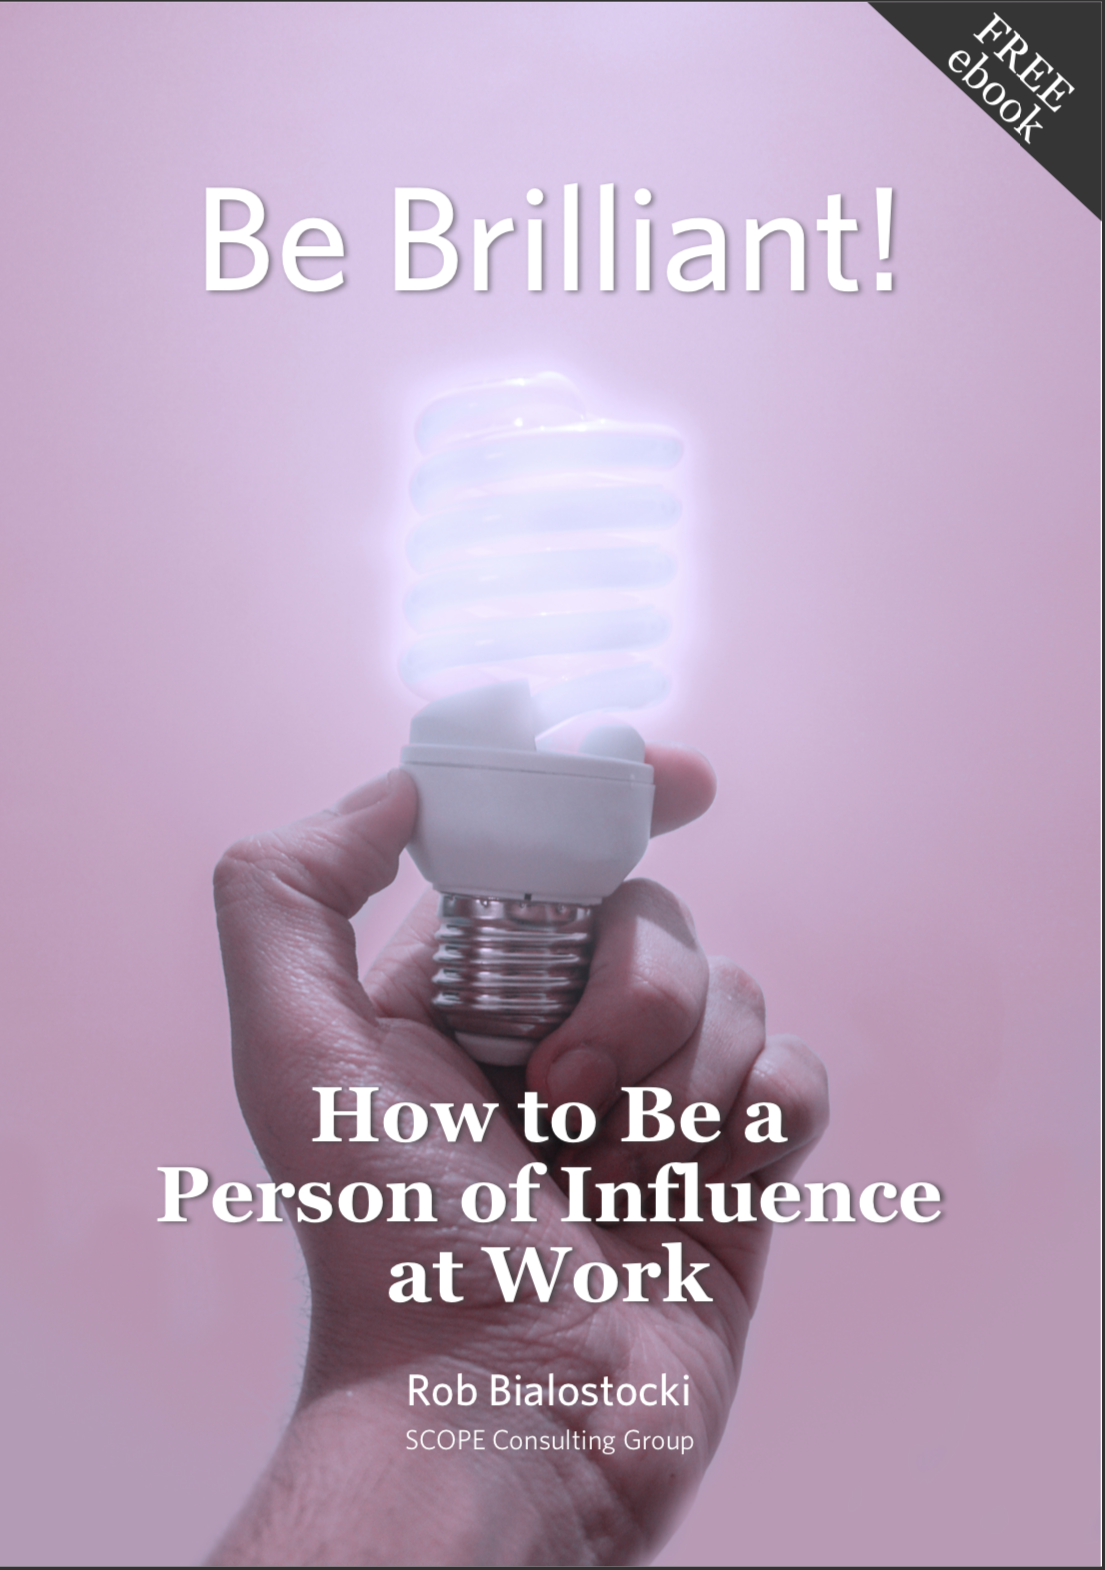 Be brilliant - 1105x1500 1.9mb.png